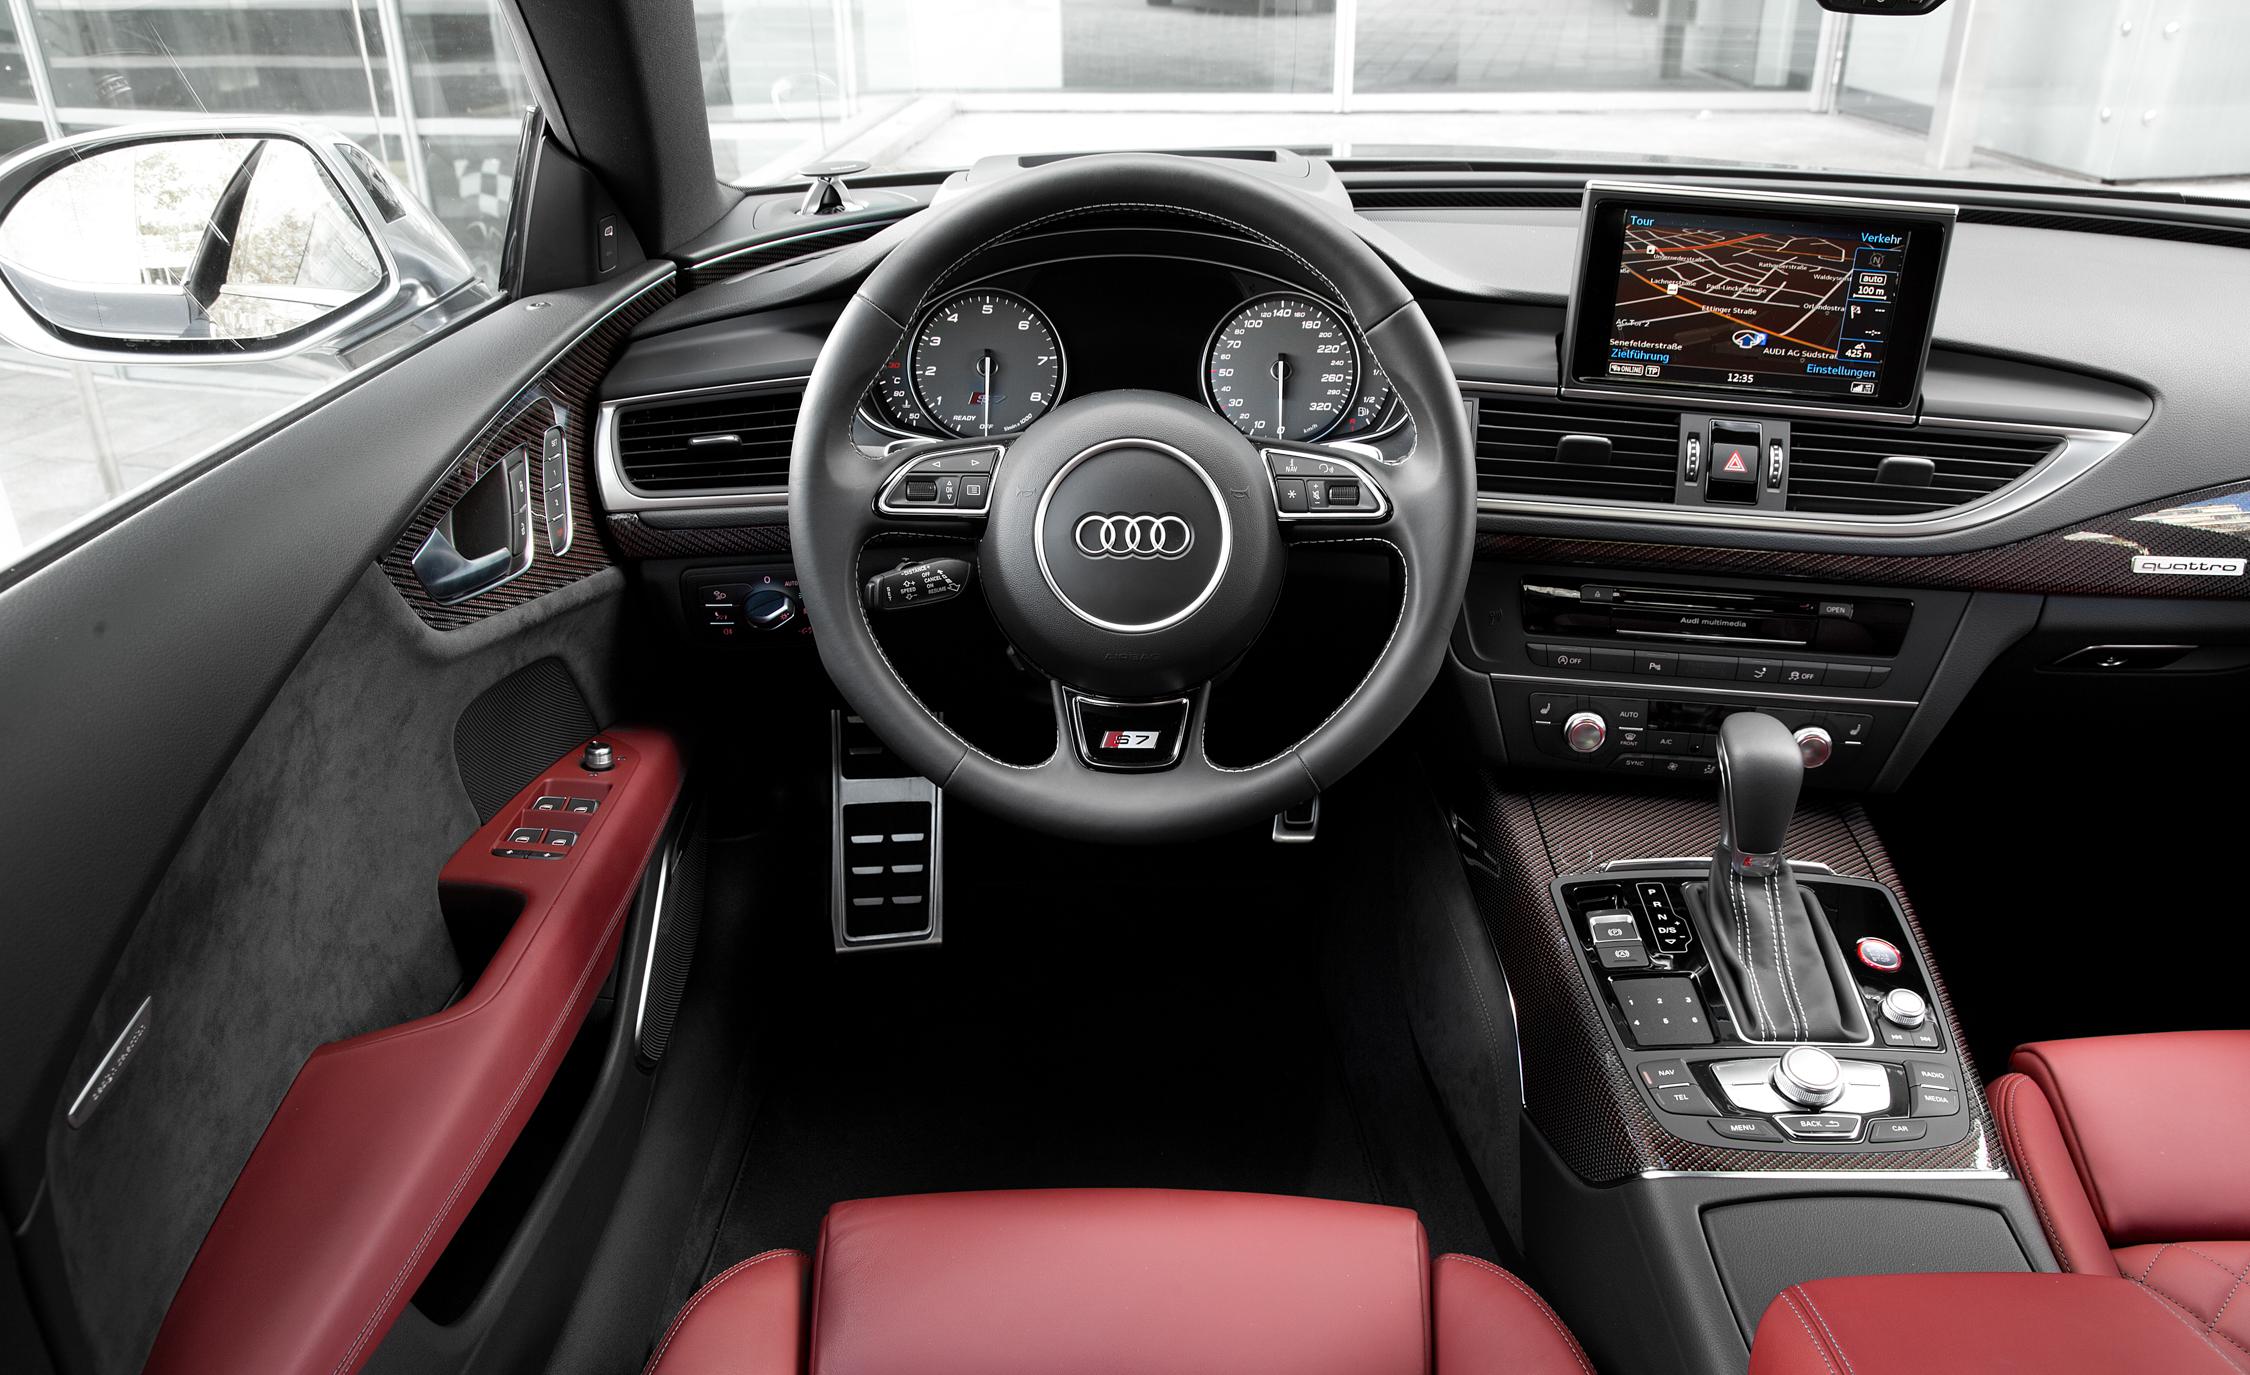 2016 Audi S7 Sedan Cockpit